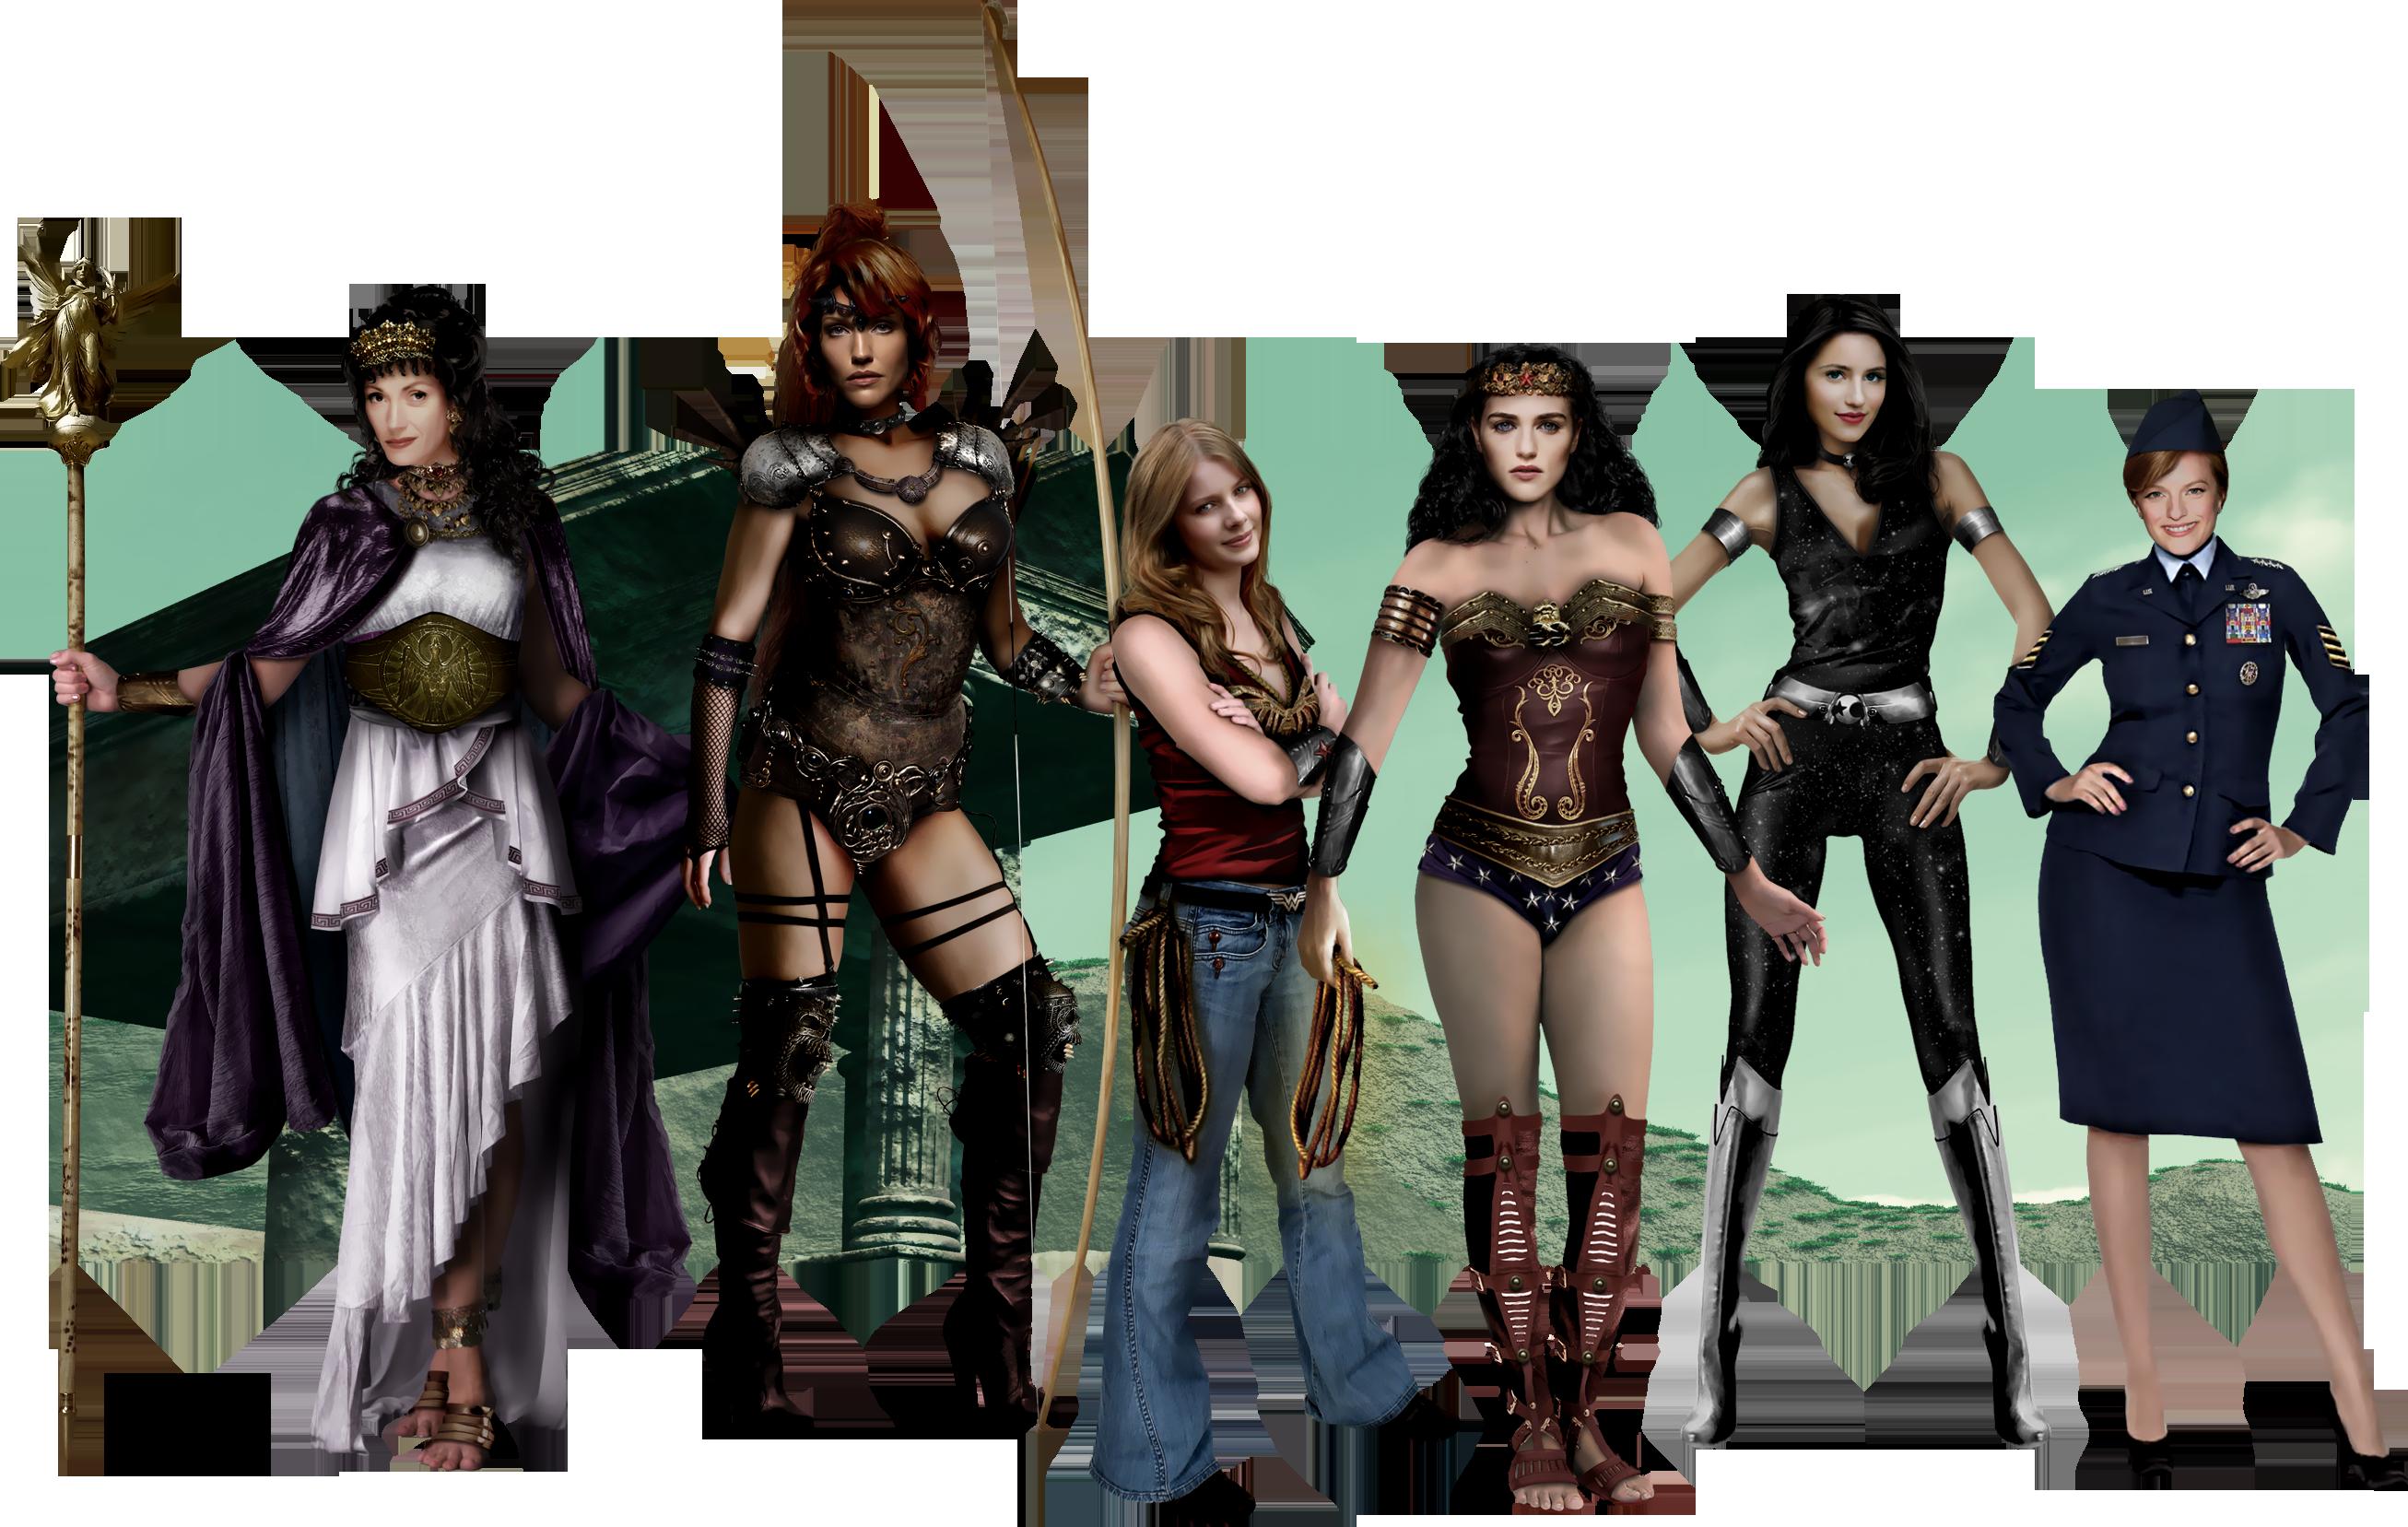 Women of Wonder by Ciro1984